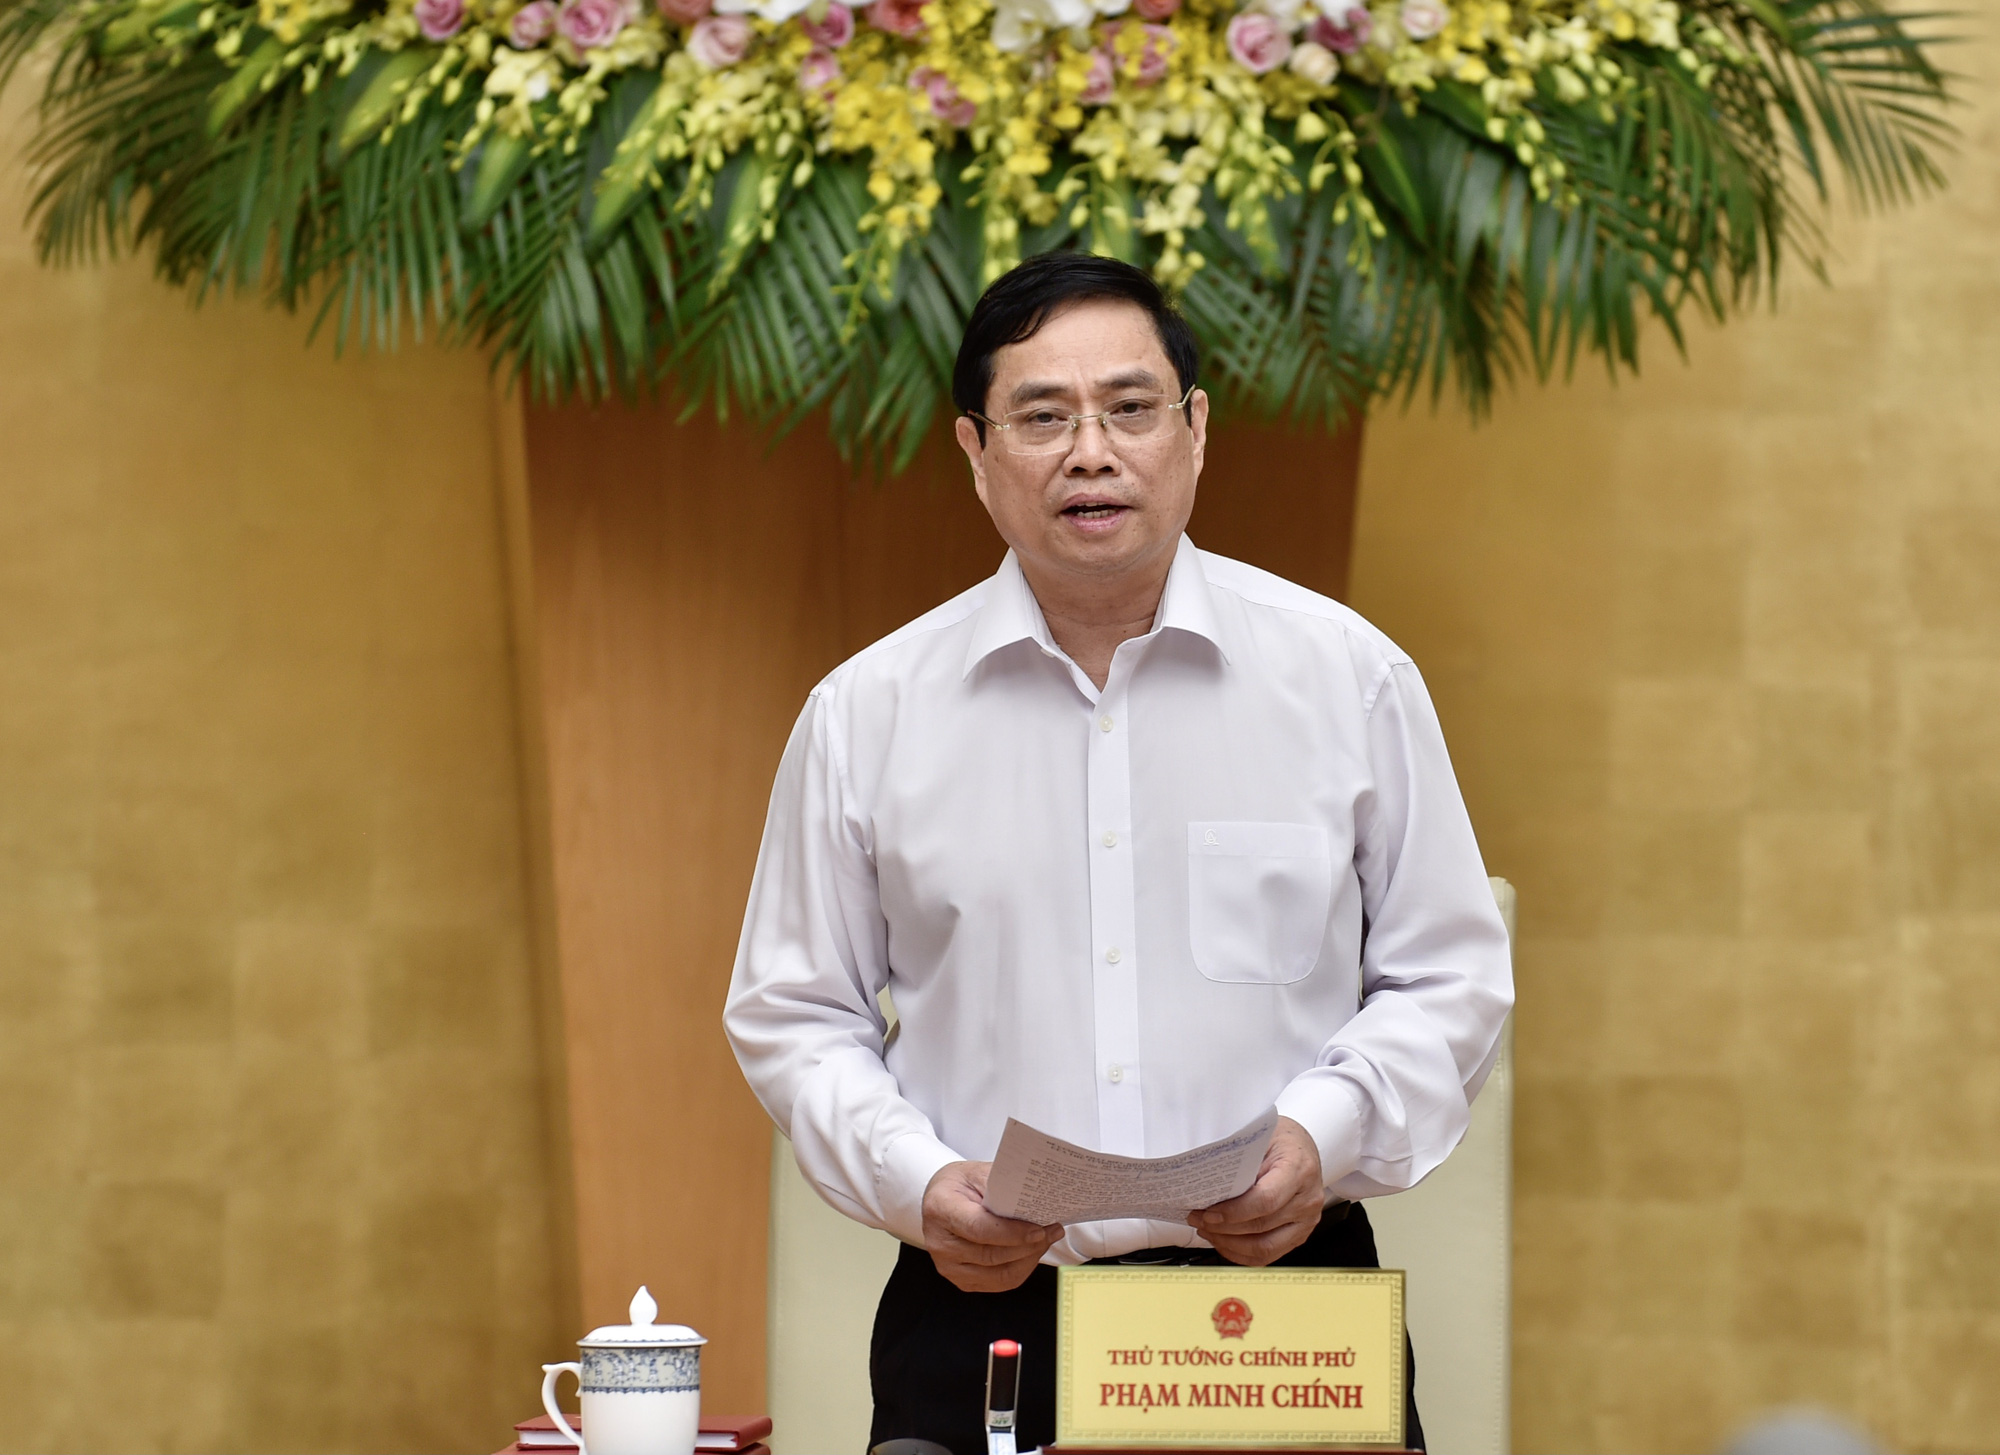 Phiên họp Chính phủ đầu tiên do Thủ tướng Phạm Minh Chính chủ trì - Ảnh 2.